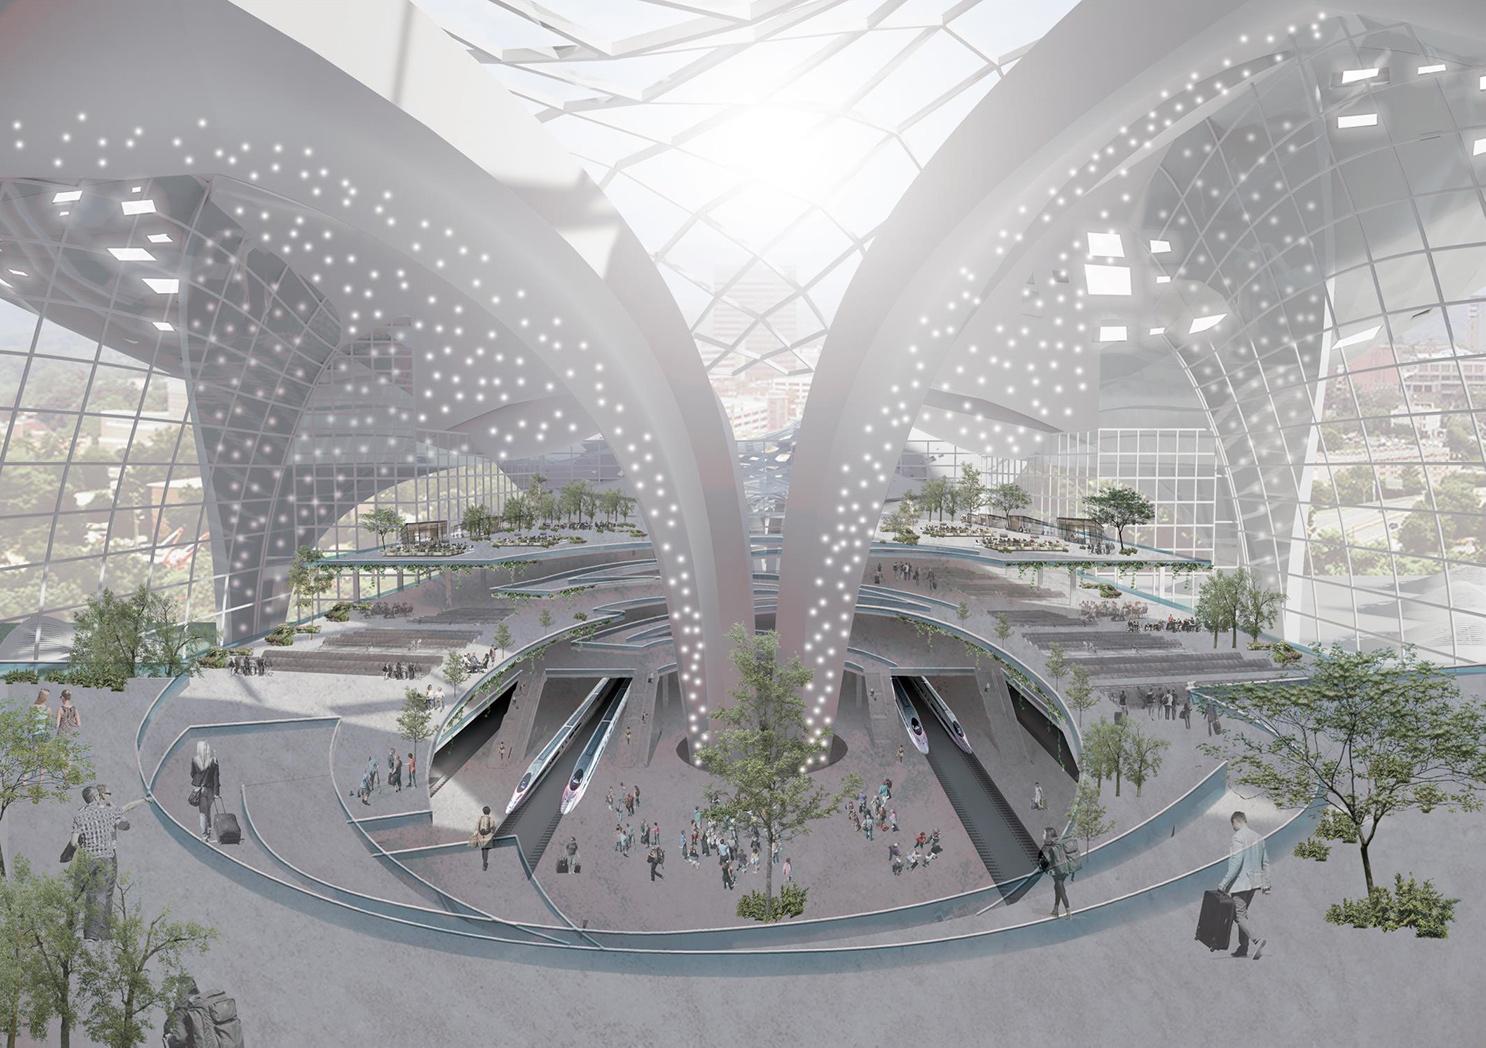 Station interior Ning Zhang